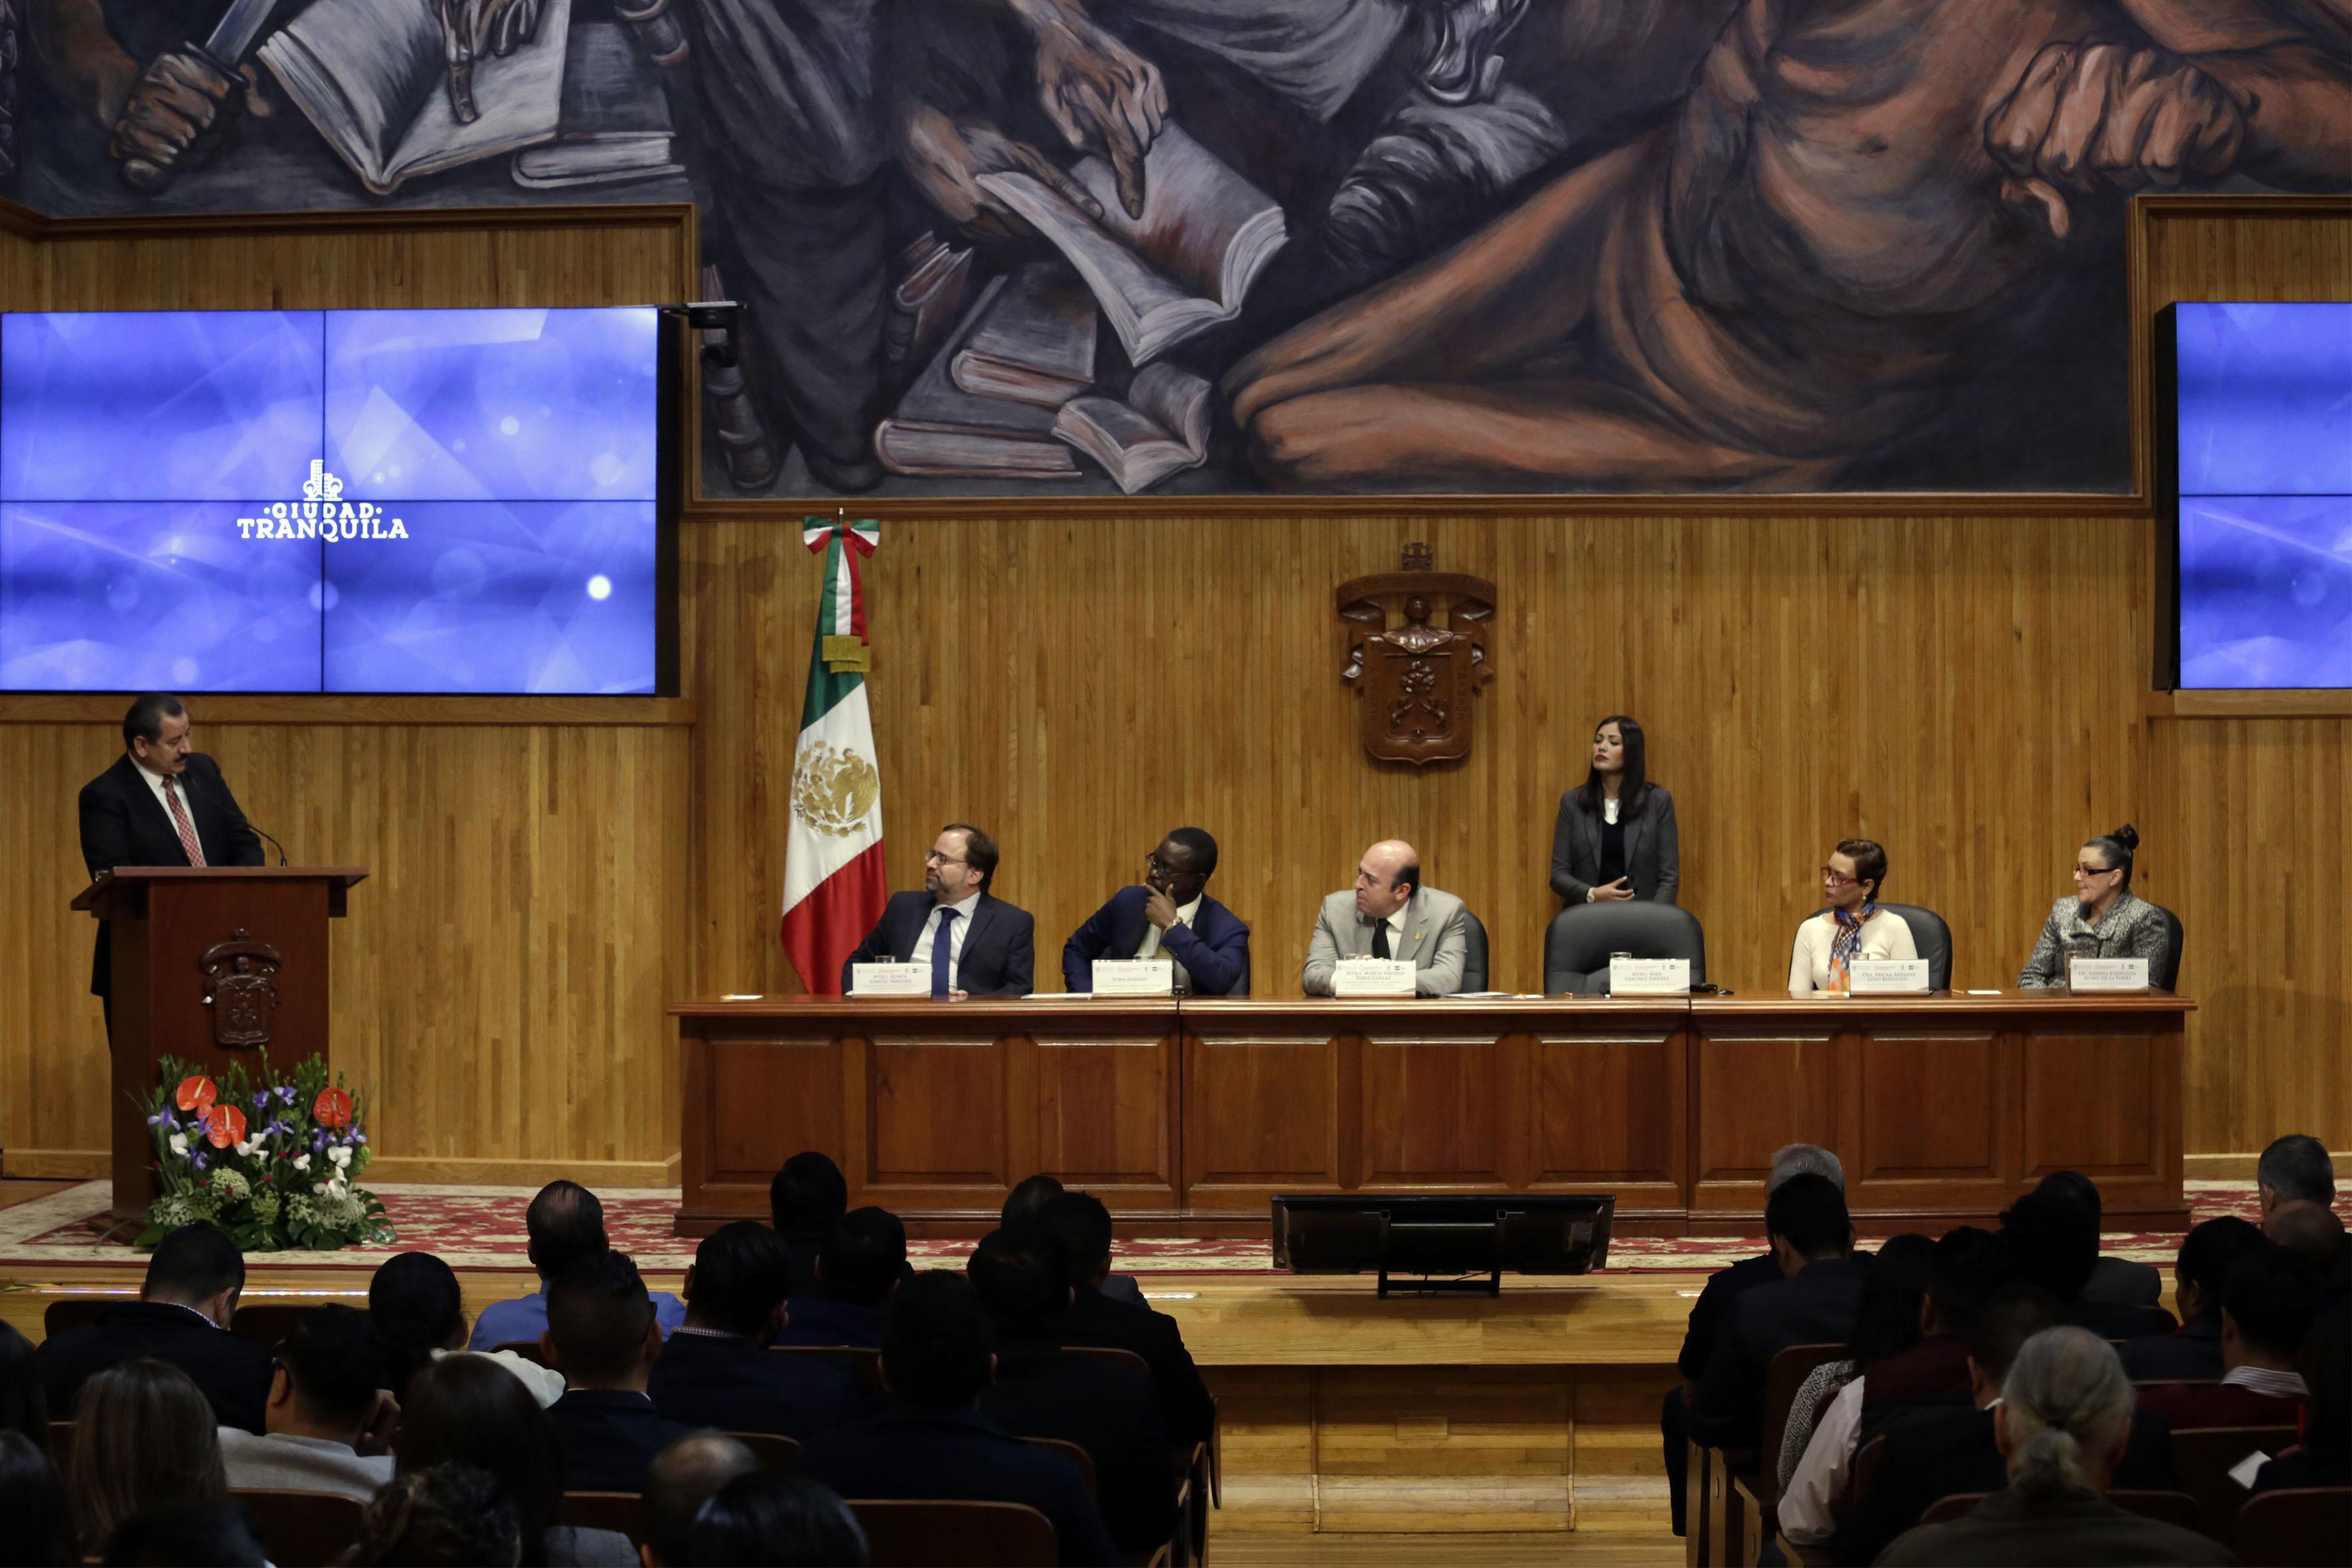 """Encuentro de Seguridad Urbana """"Hacia el foro norteamericano de seguridad pública"""", realizado en el Paraninfo Enrique Díaz de León de la UdeG."""